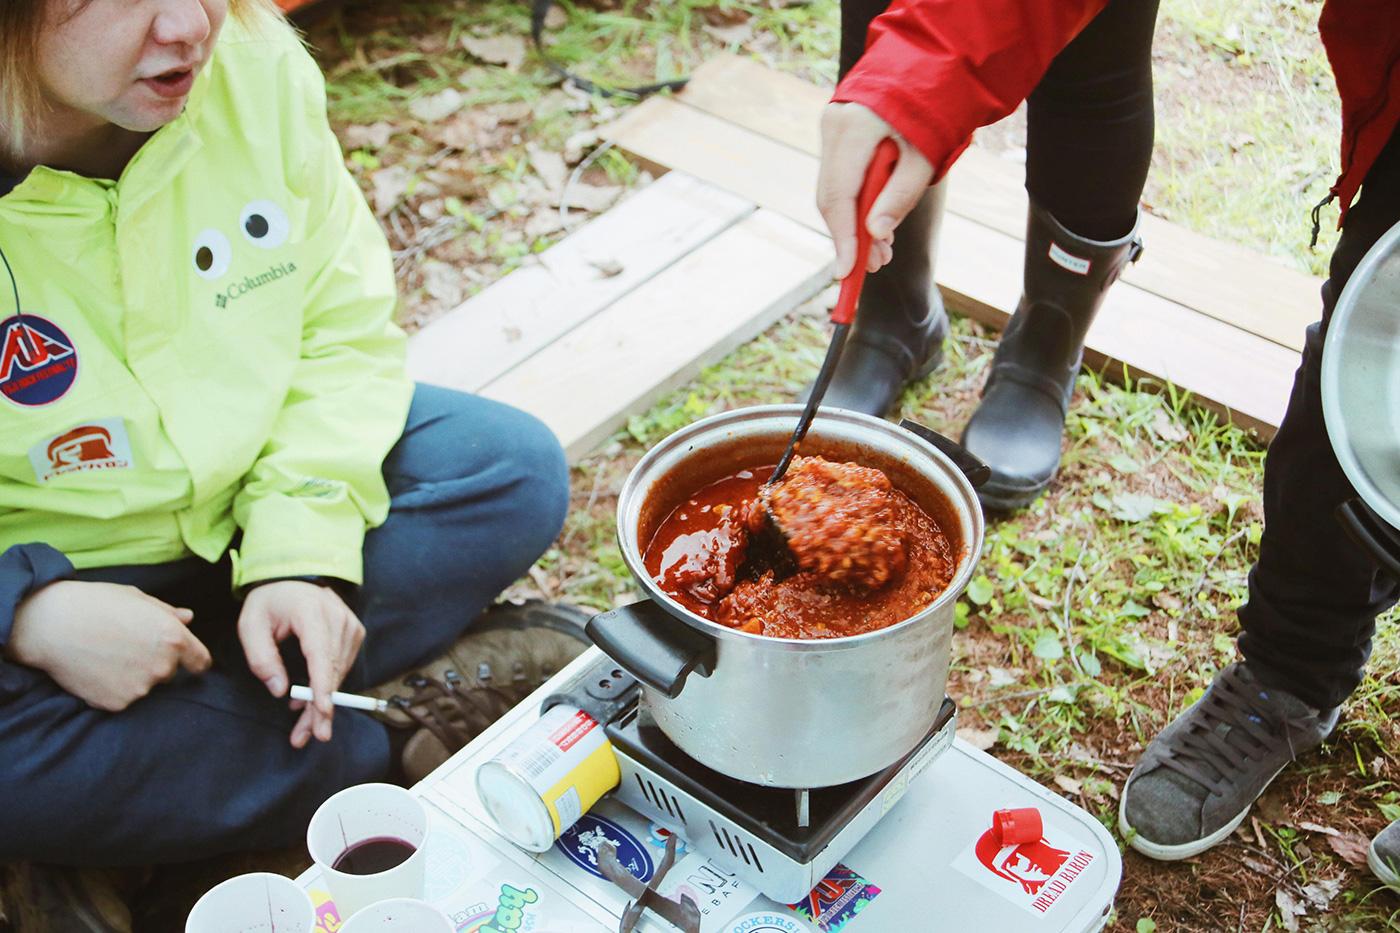 キャンプのお楽しみ、キャンプ飯 Photo by Riho Kamimura